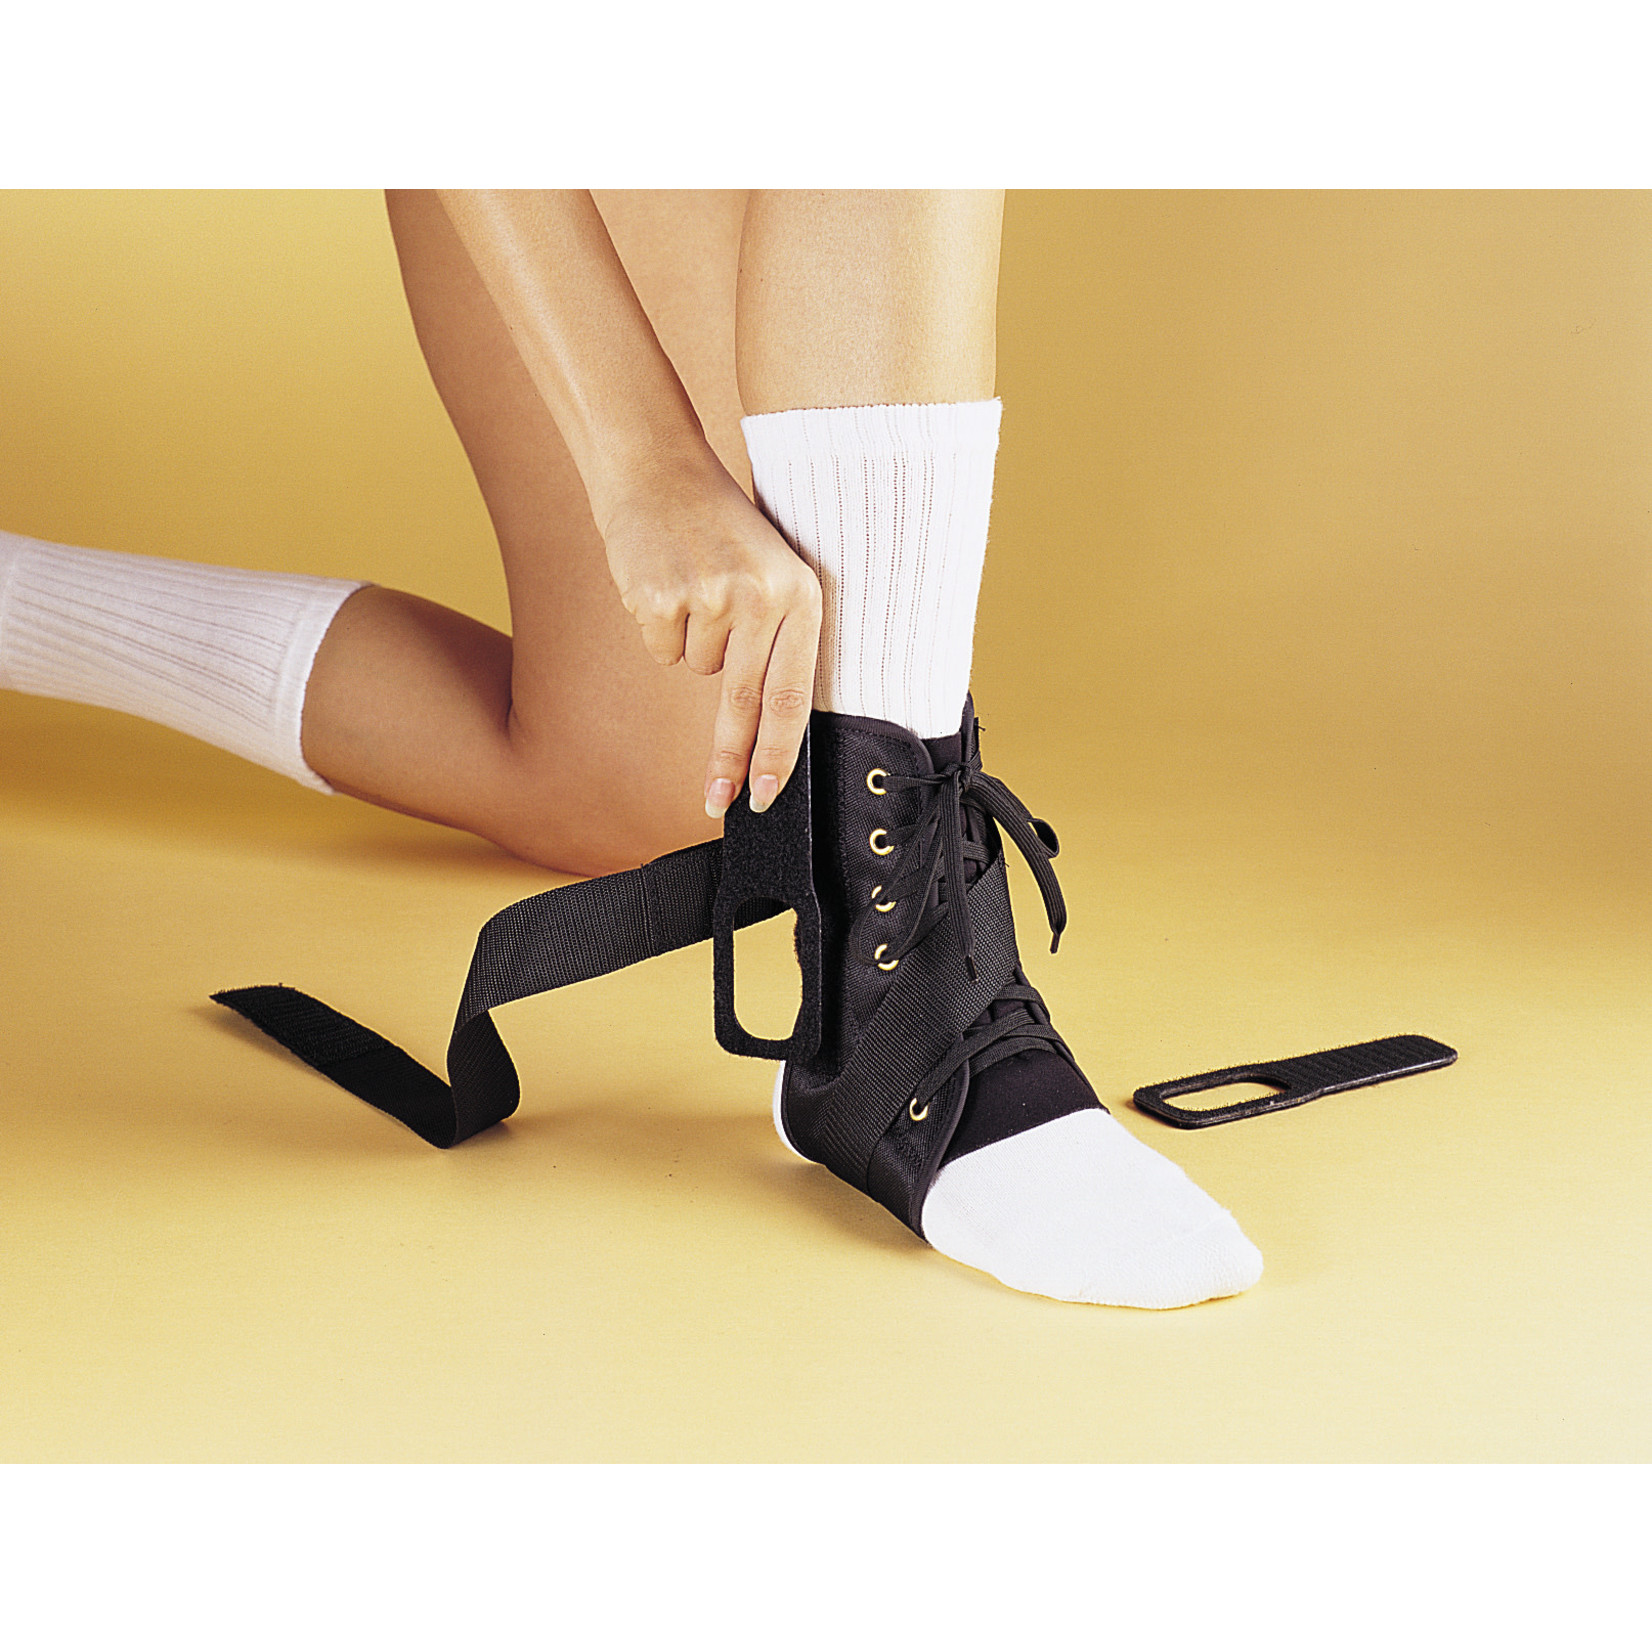 Hely & Weber Stays for Webly®, Webly Zap® and Rapid Zap™ Ankle Braces